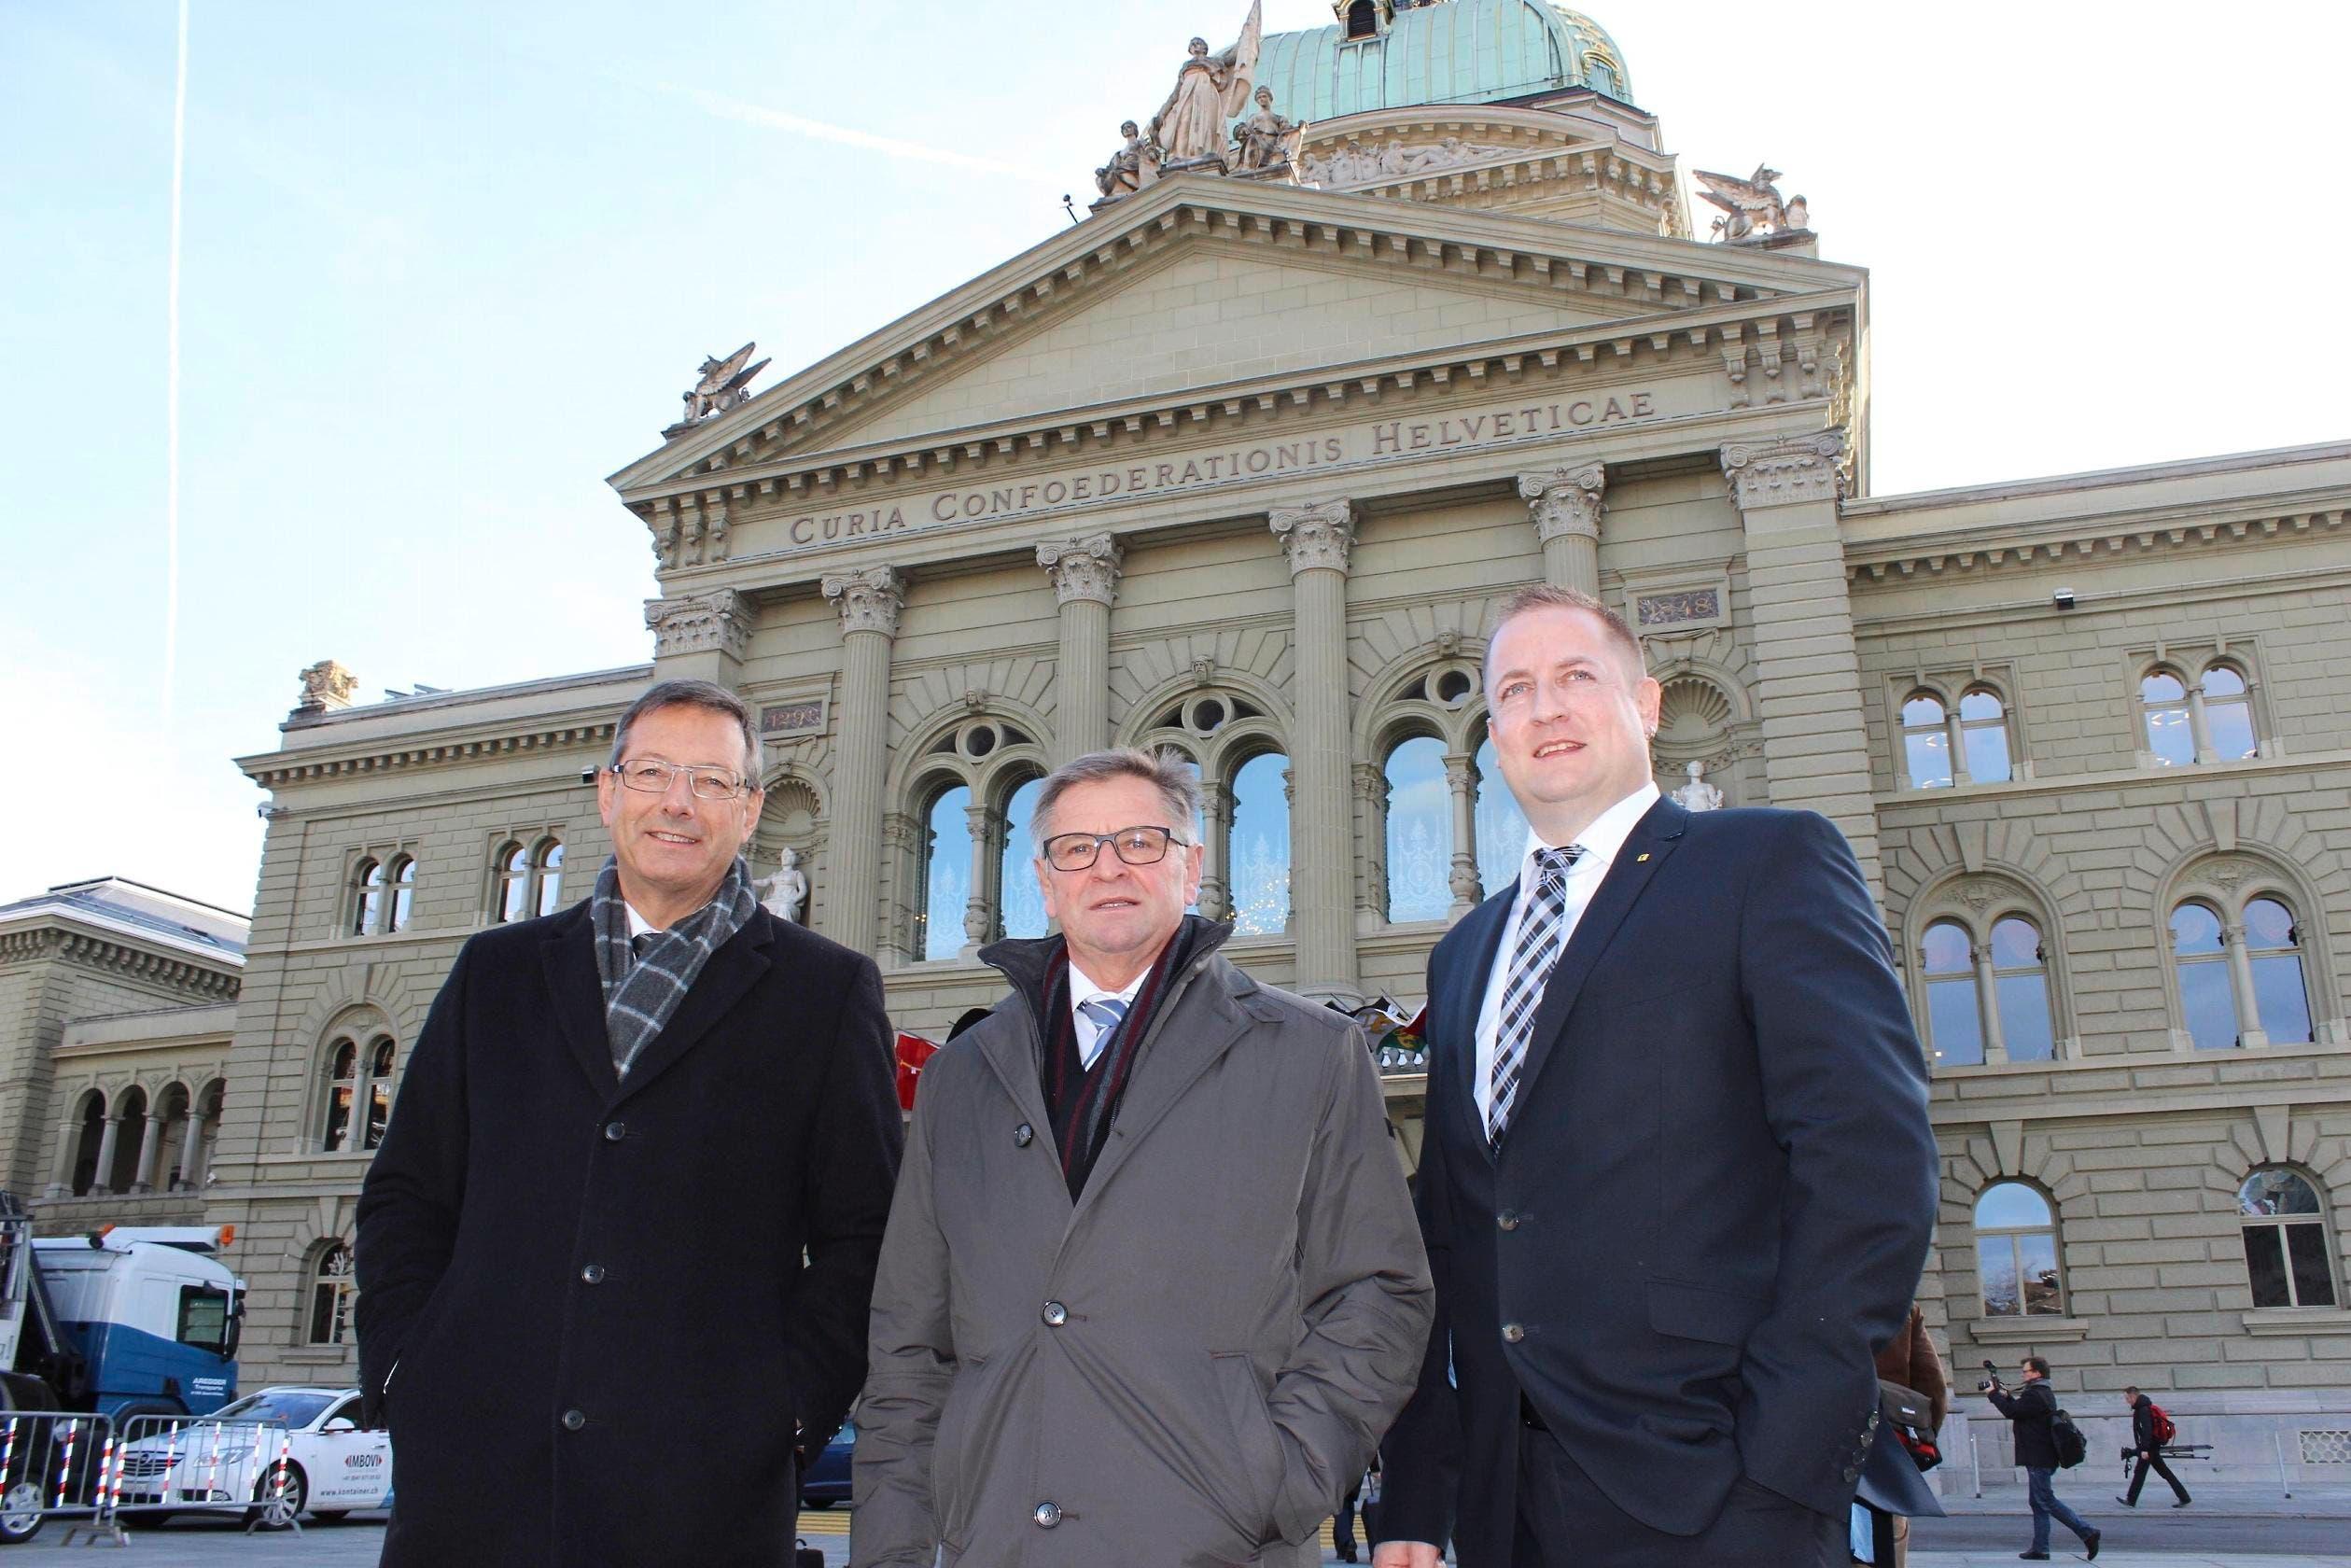 Die drei Urner Parlamentarier vor dem Bundeshaus in Bern, von links: Ständerat Josef Dittli, Ständerat Isidor Baumann und Nationalrat Beat Arnold. (Bild: Elias Bricker)